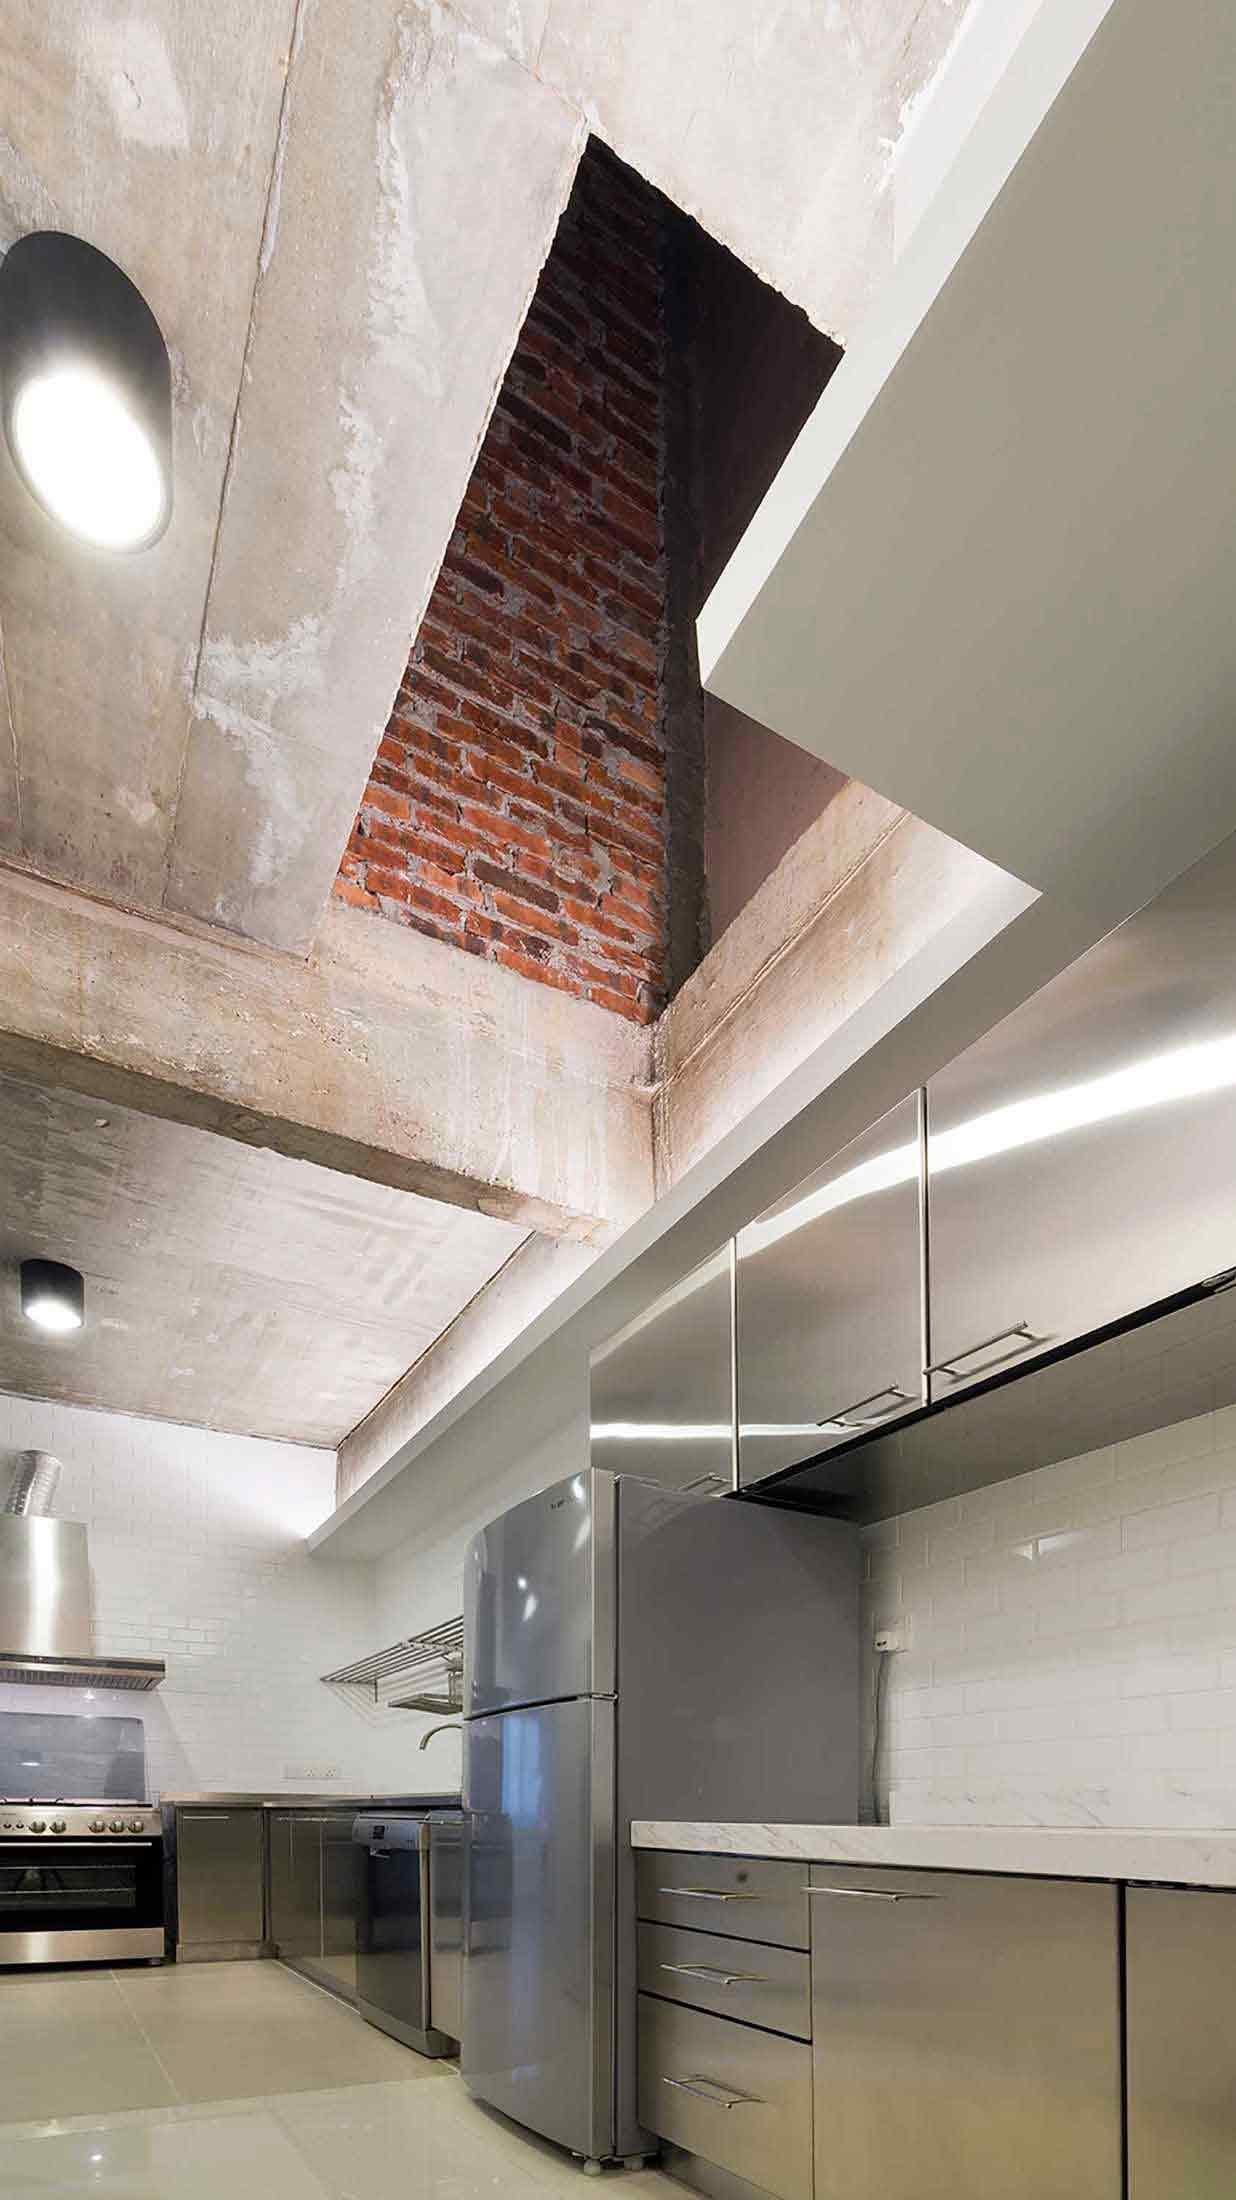 Pendekatan unik dalam pembuatan built-in ventilation, karya PT Adf, via arsitag.com